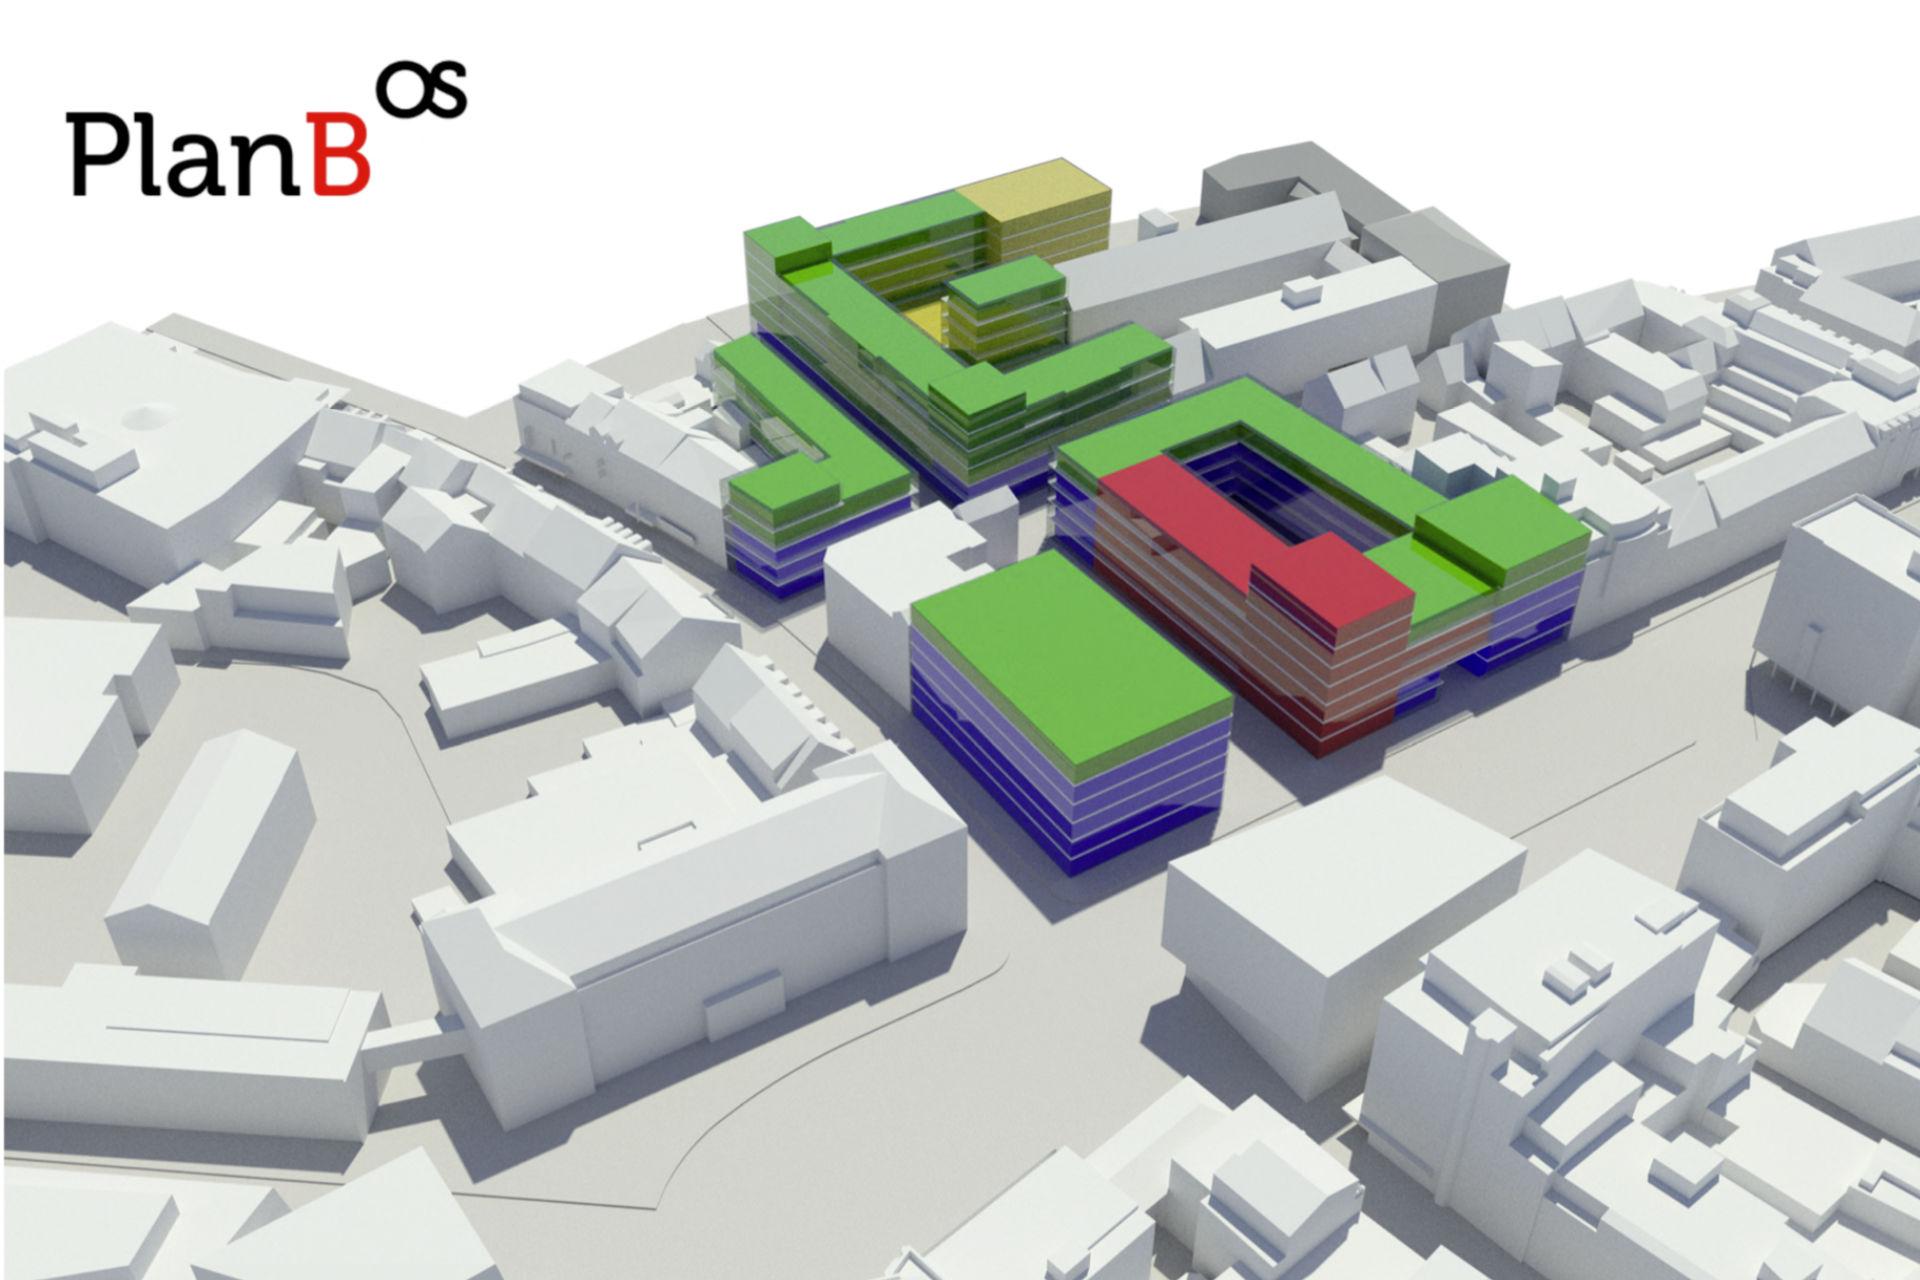 PlanB-Mischnutzungskonzept für den Neumarkt Osnabrück